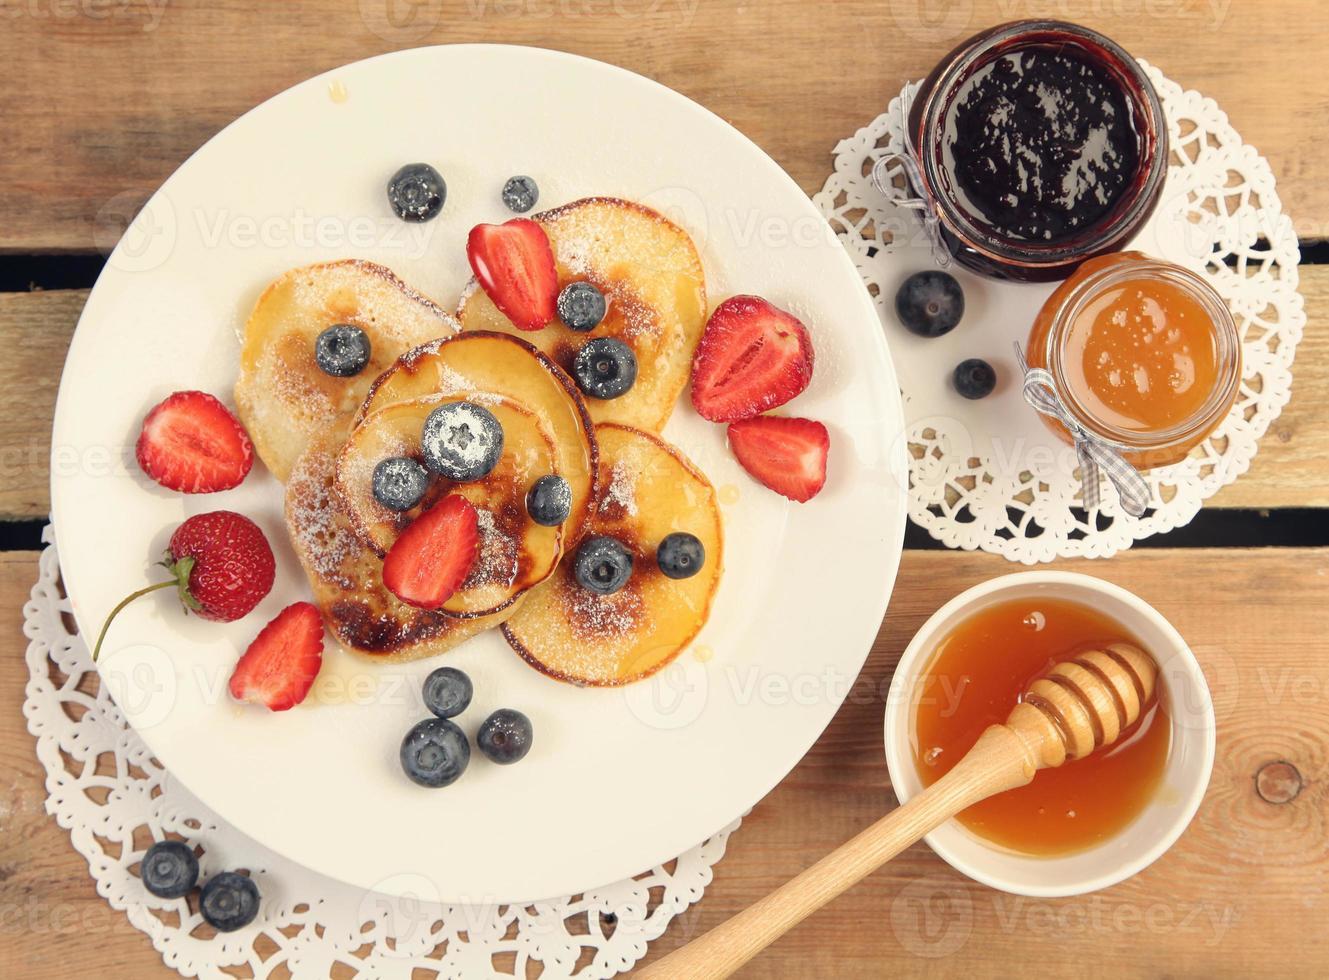 summer food photo